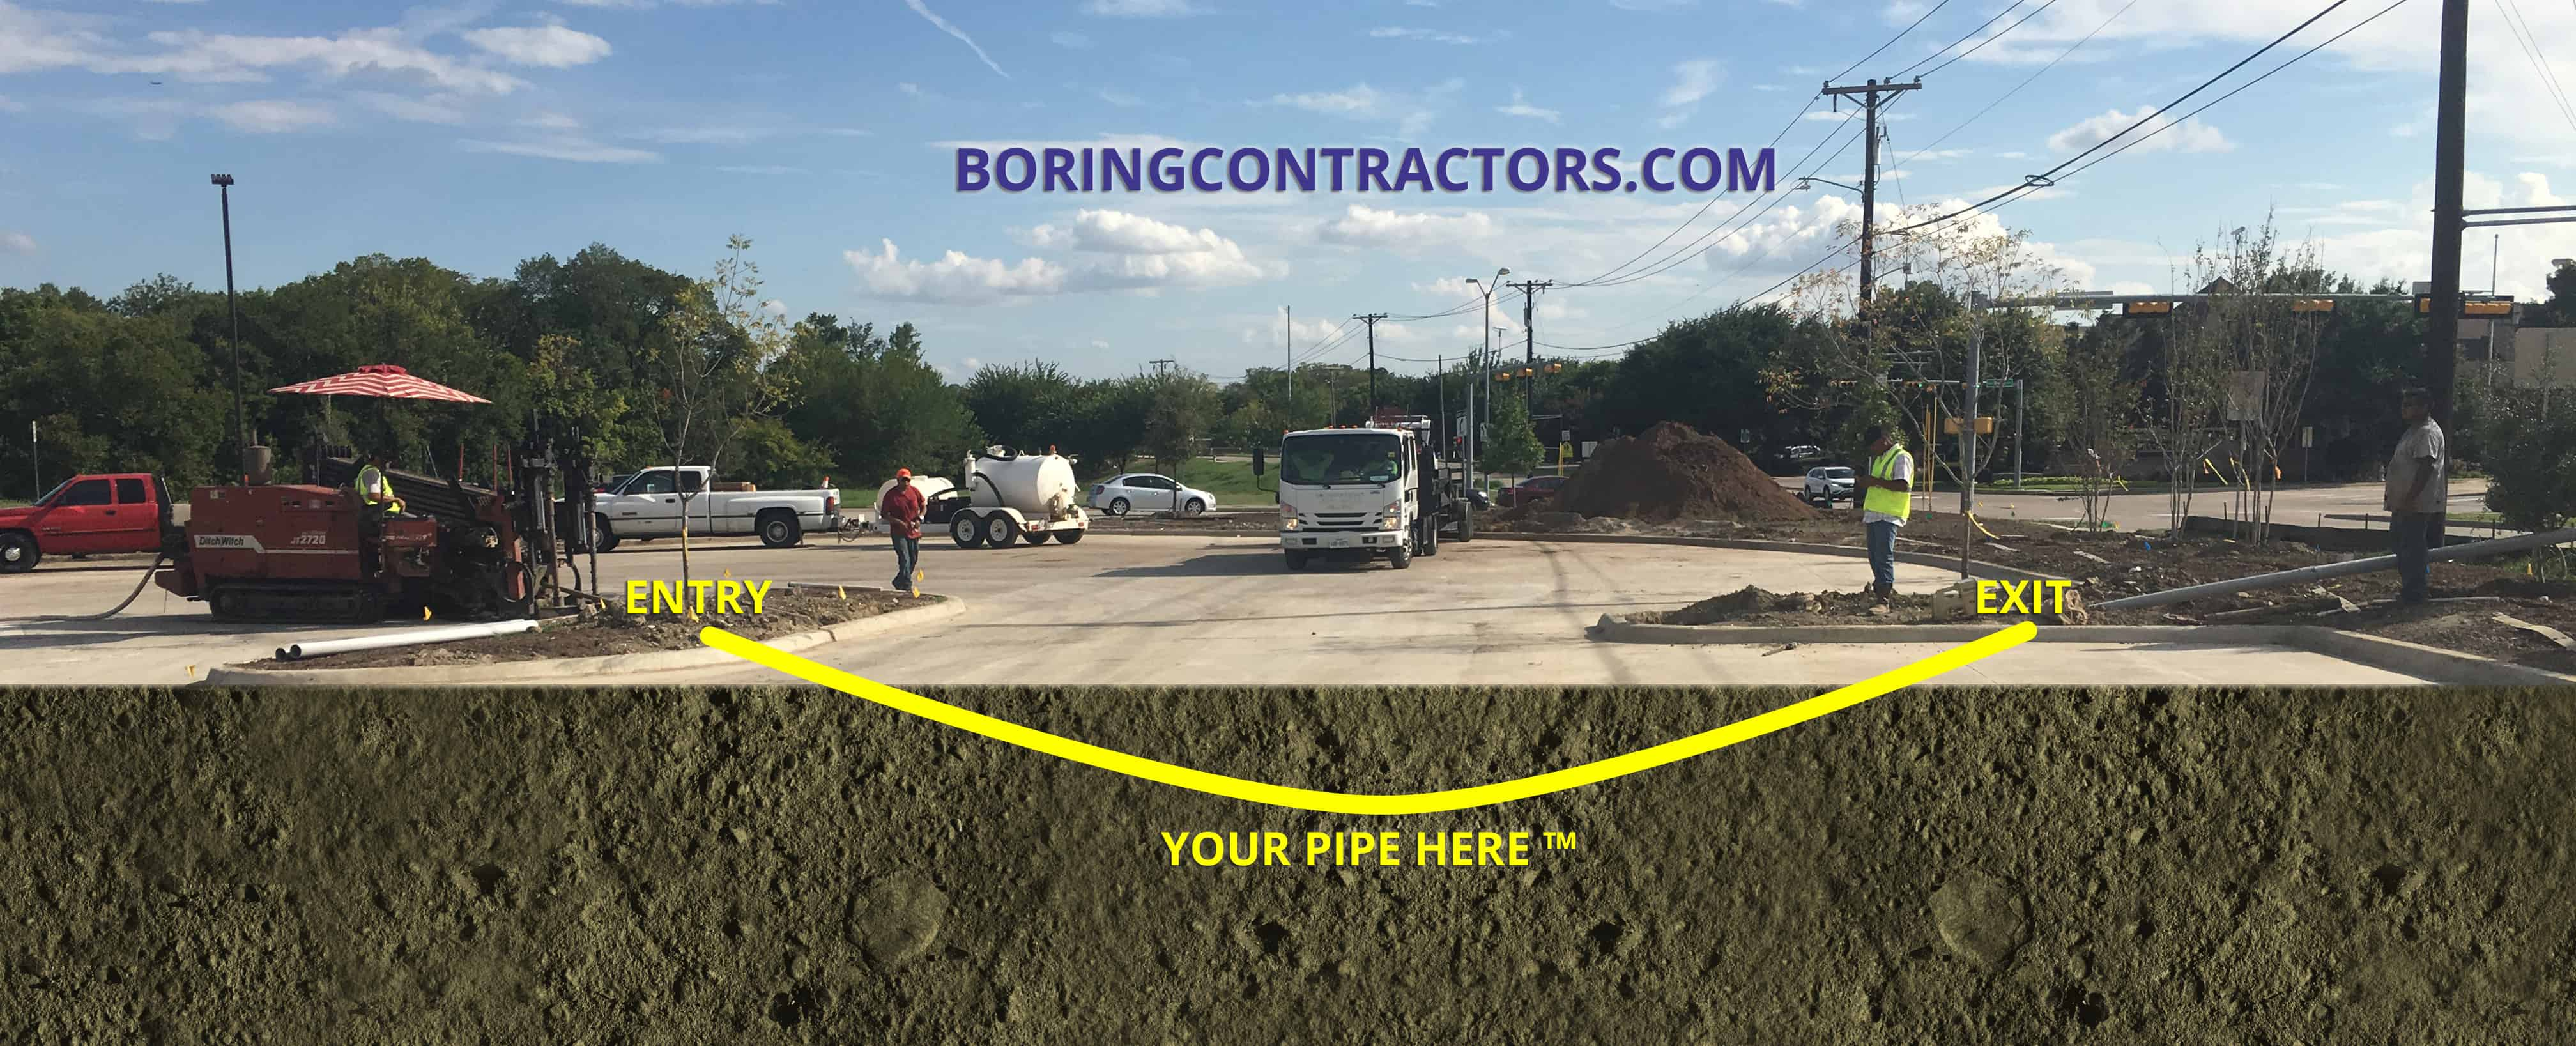 Construction Boring Contractors Phoenix, AZ